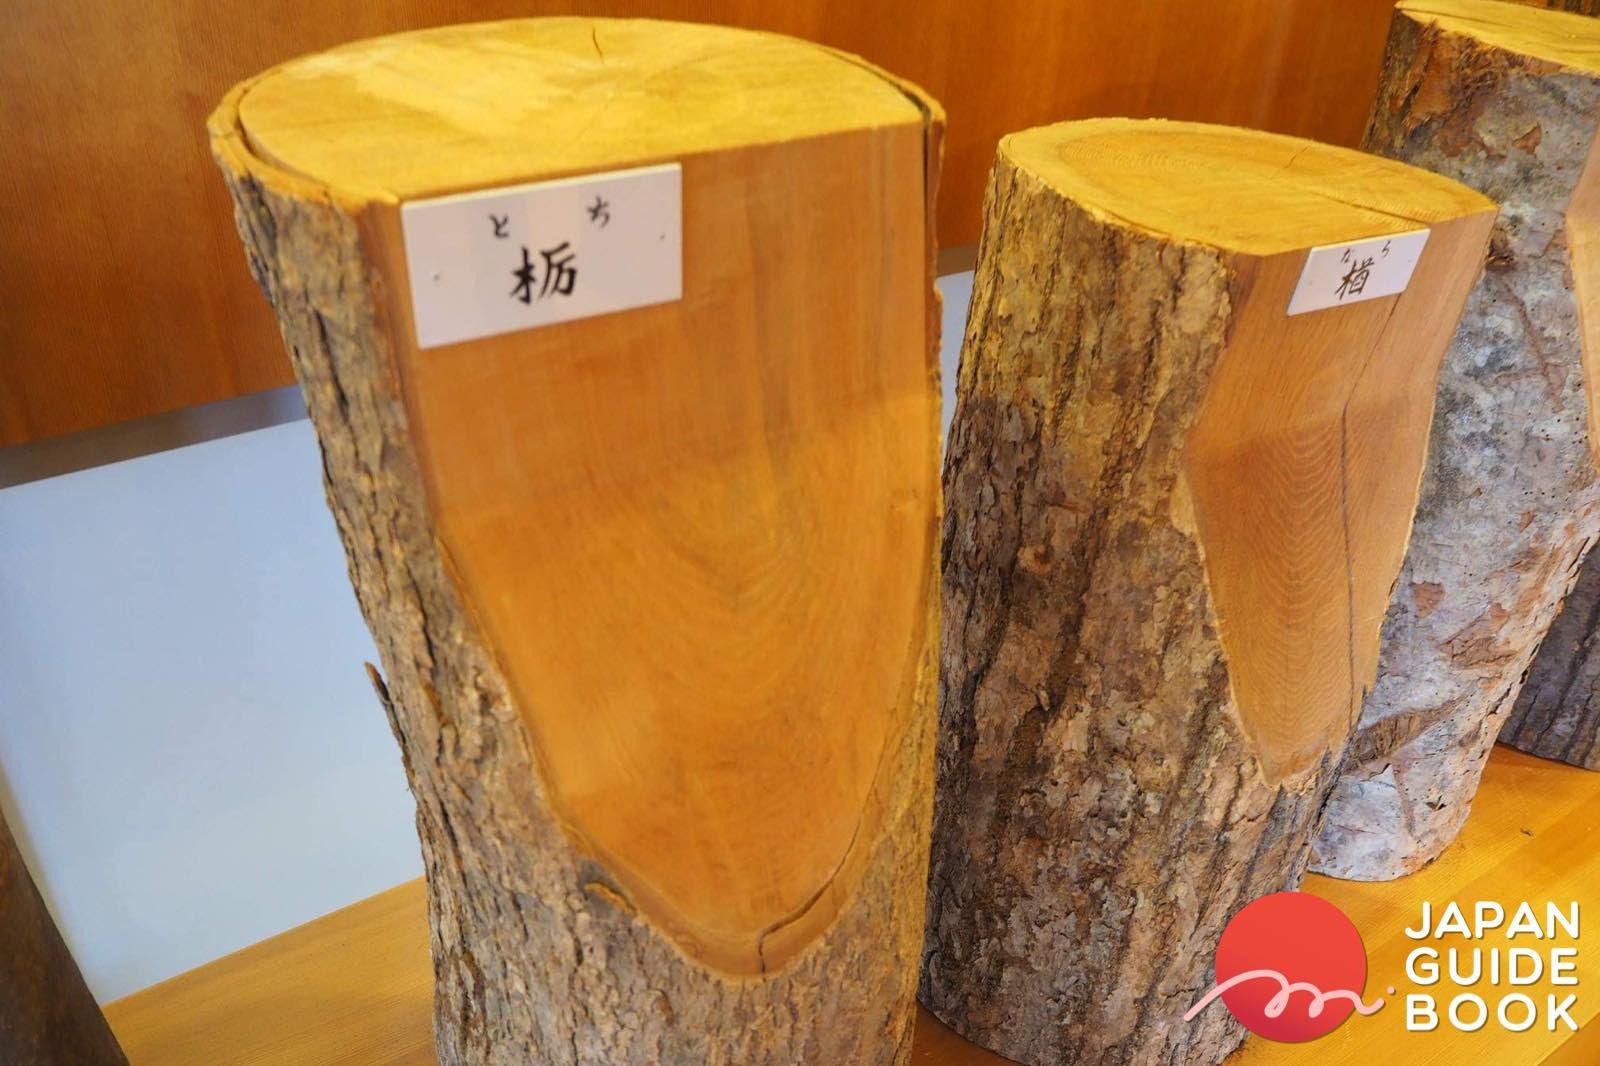 ไม้หน้าตัดของไม้ชนิดต่าง ๆ